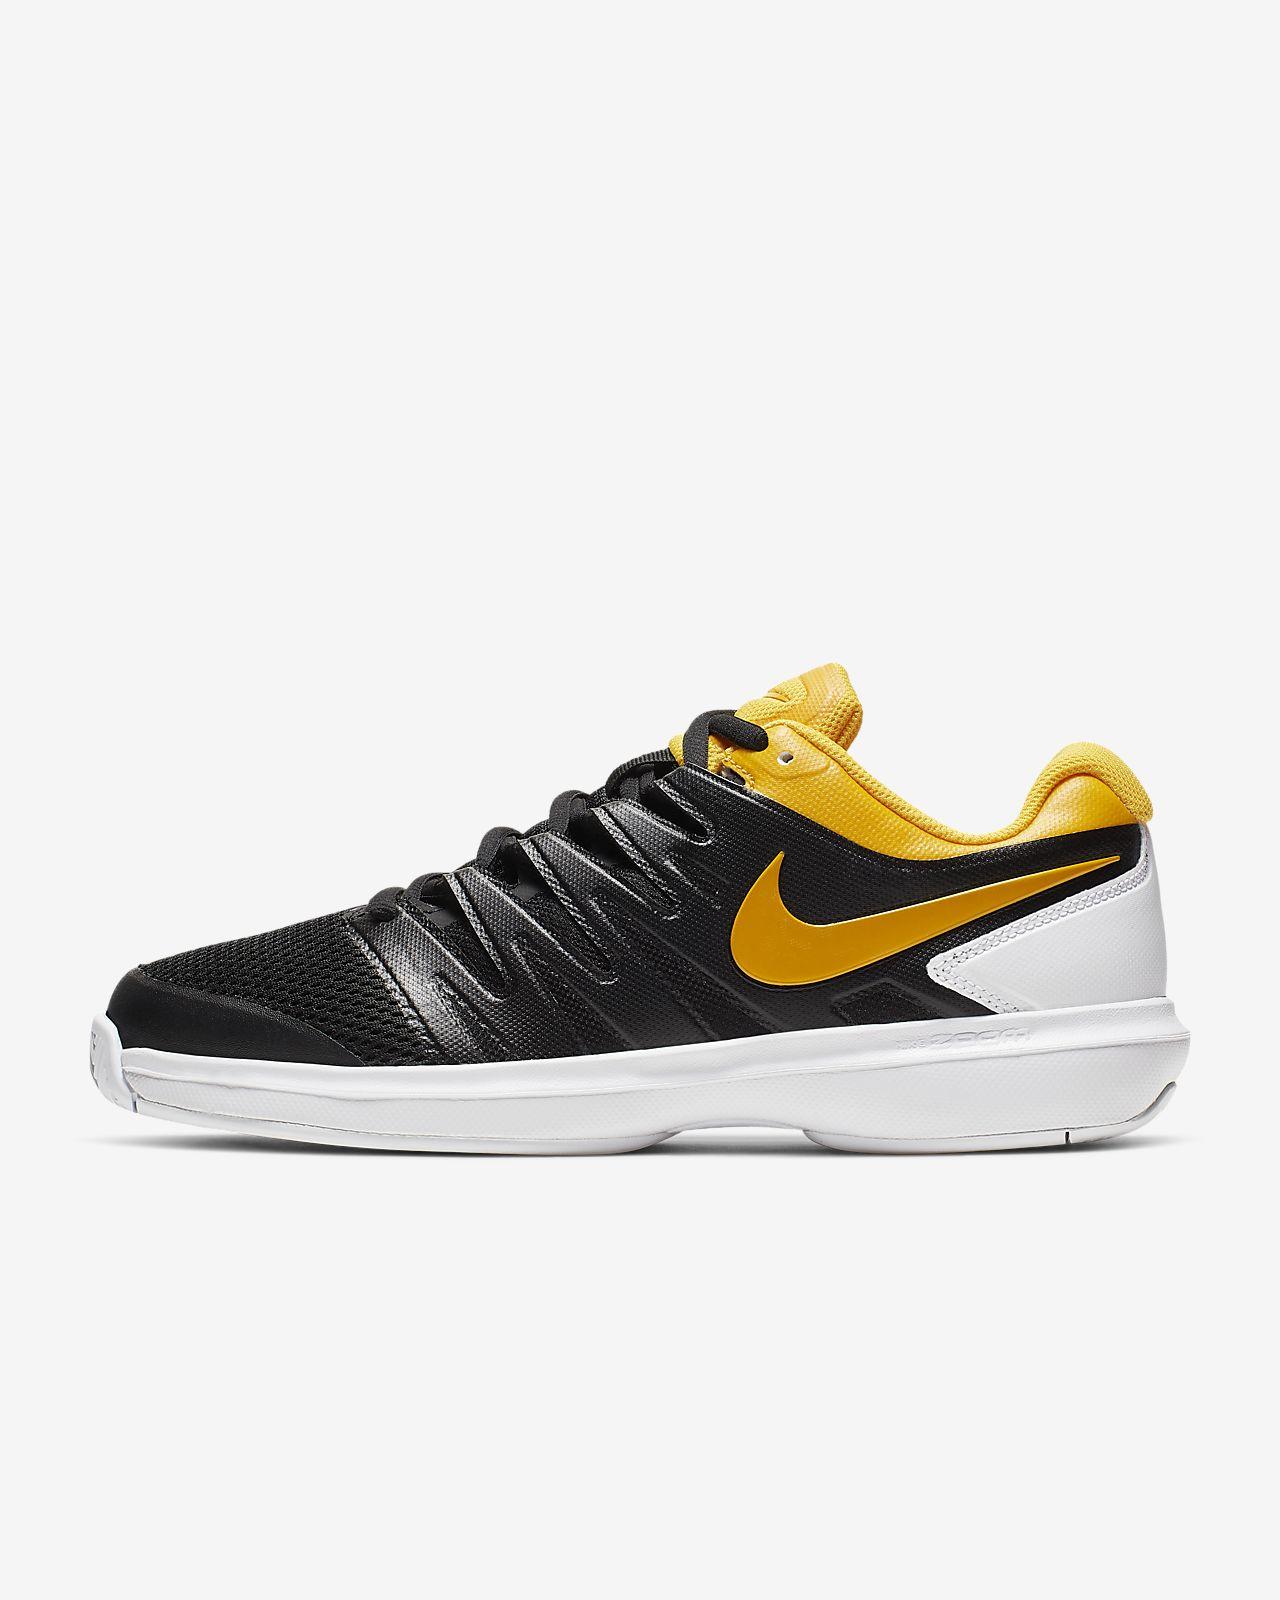 Ανδρικό παπούτσι τένις για σκληρά γήπεδα NikeCourt Air Zoom Prestige